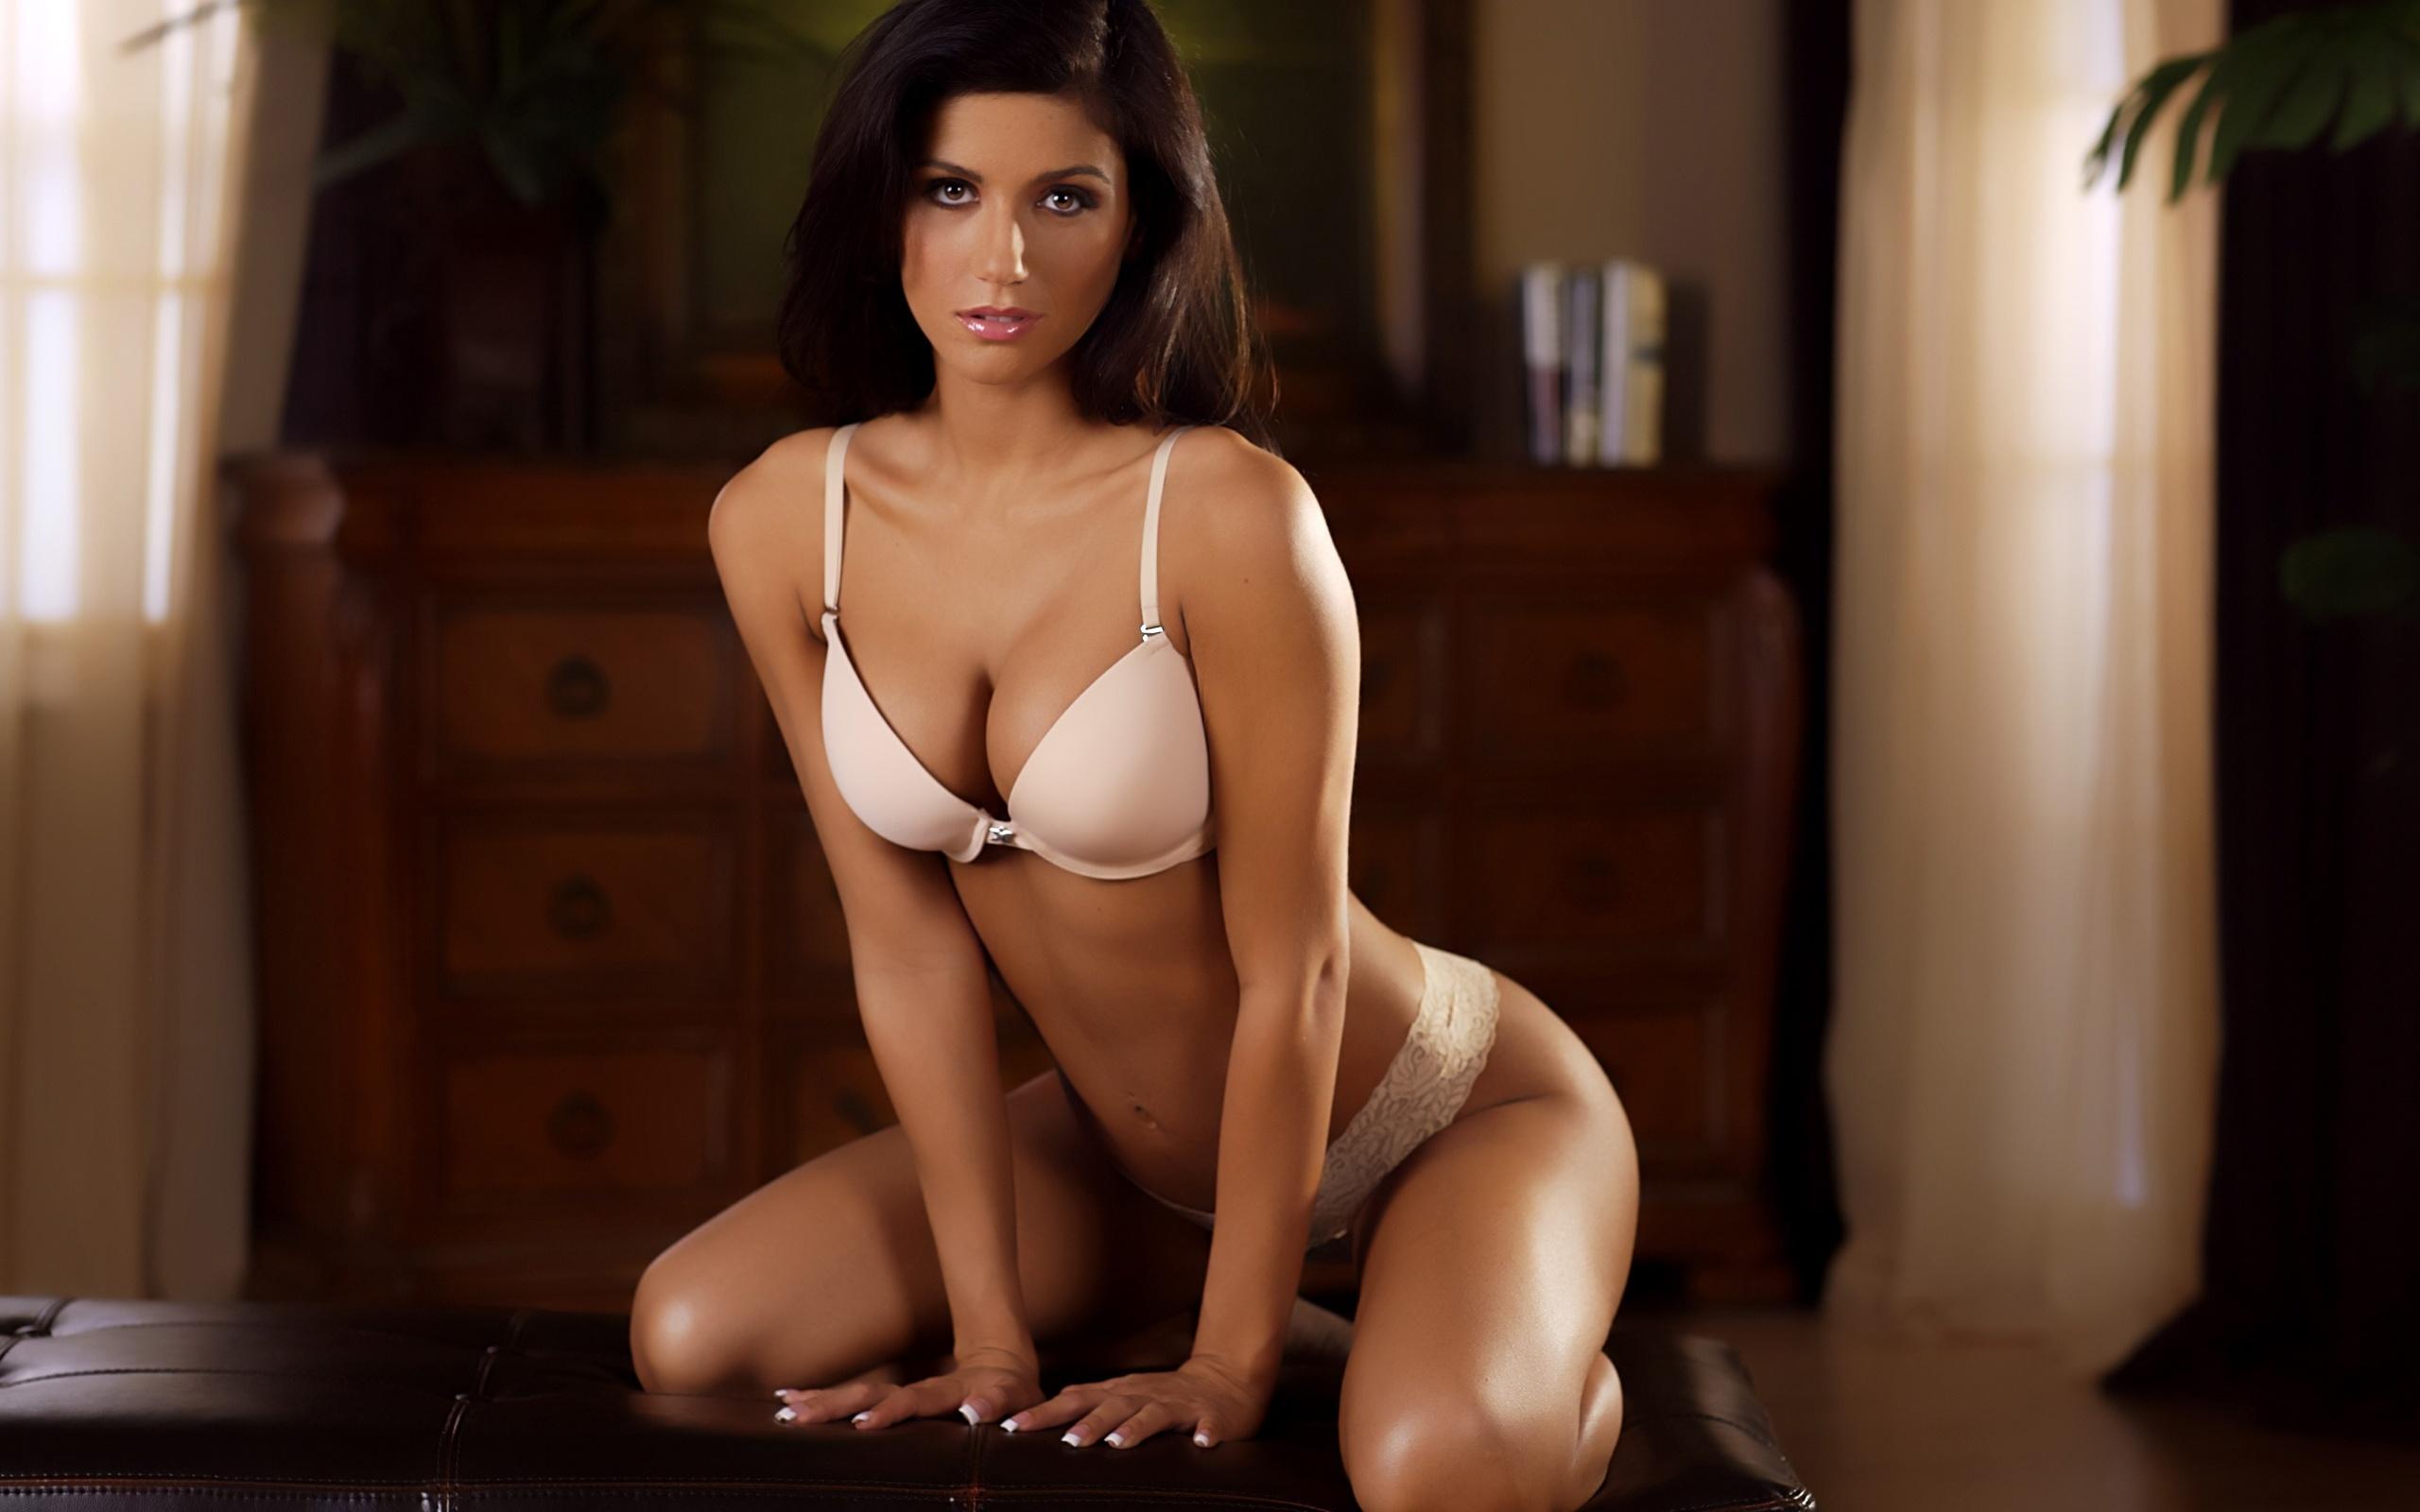 Самые сексуальные бюсты девушек мира — img 5